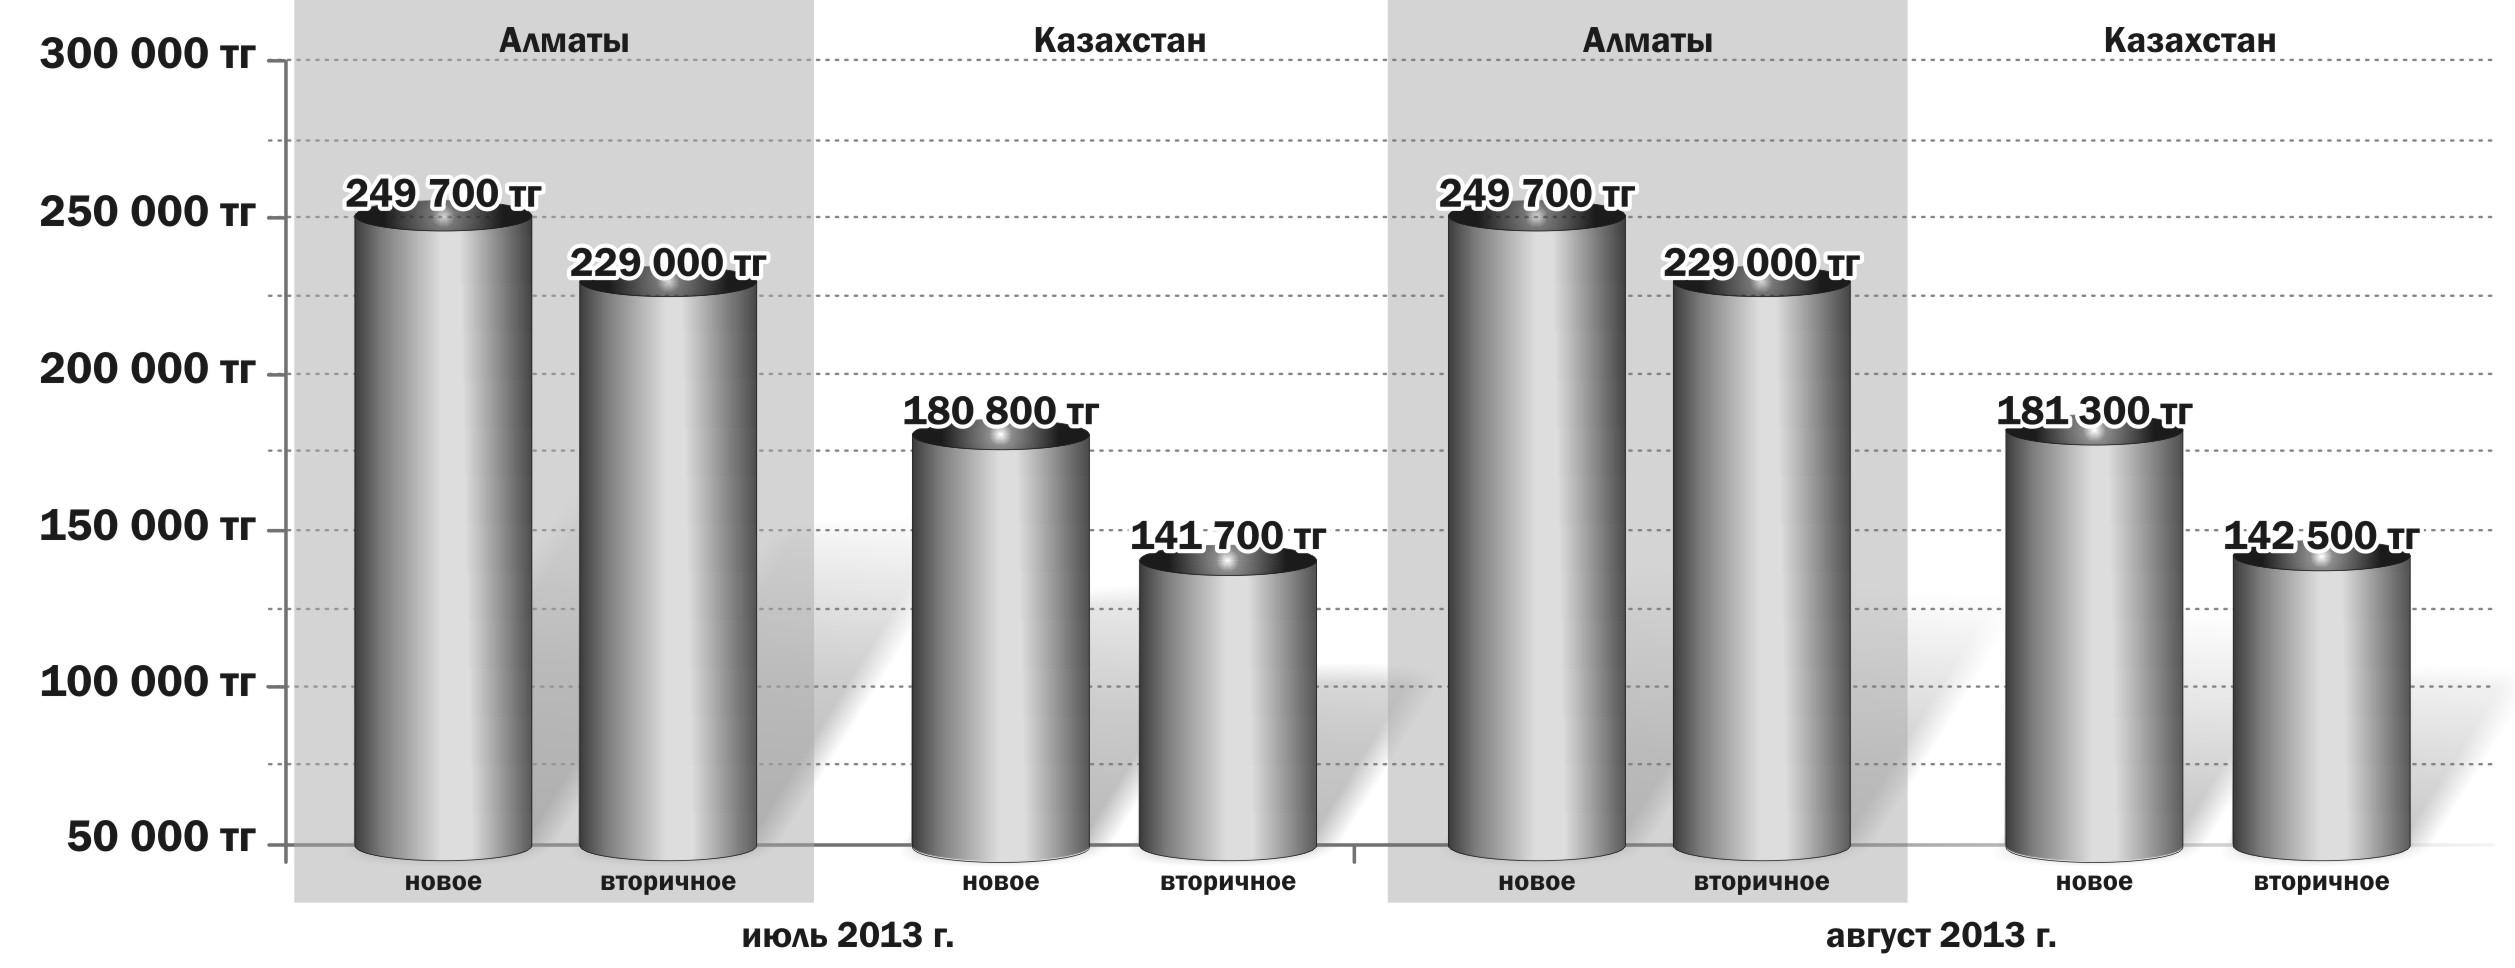 Статьи: Цены и сделки на рынке жилья: официальная статистика августа